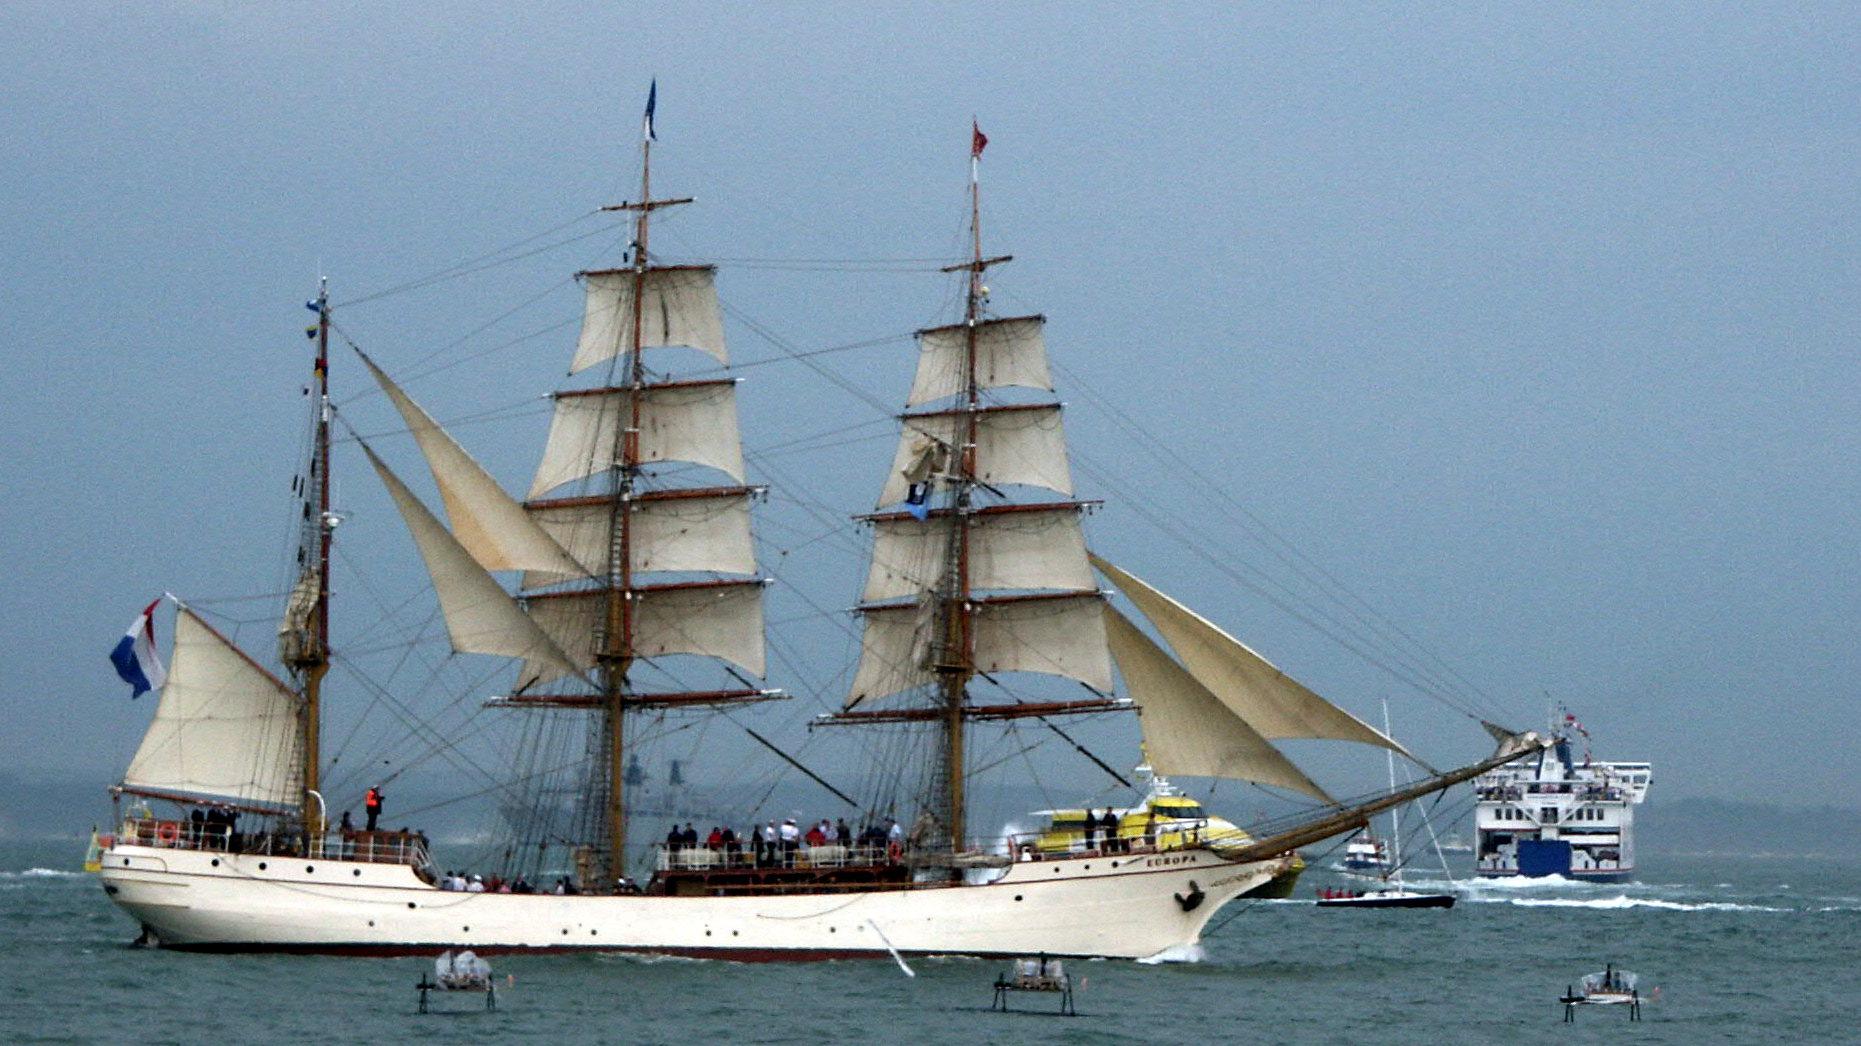 Barque Europa